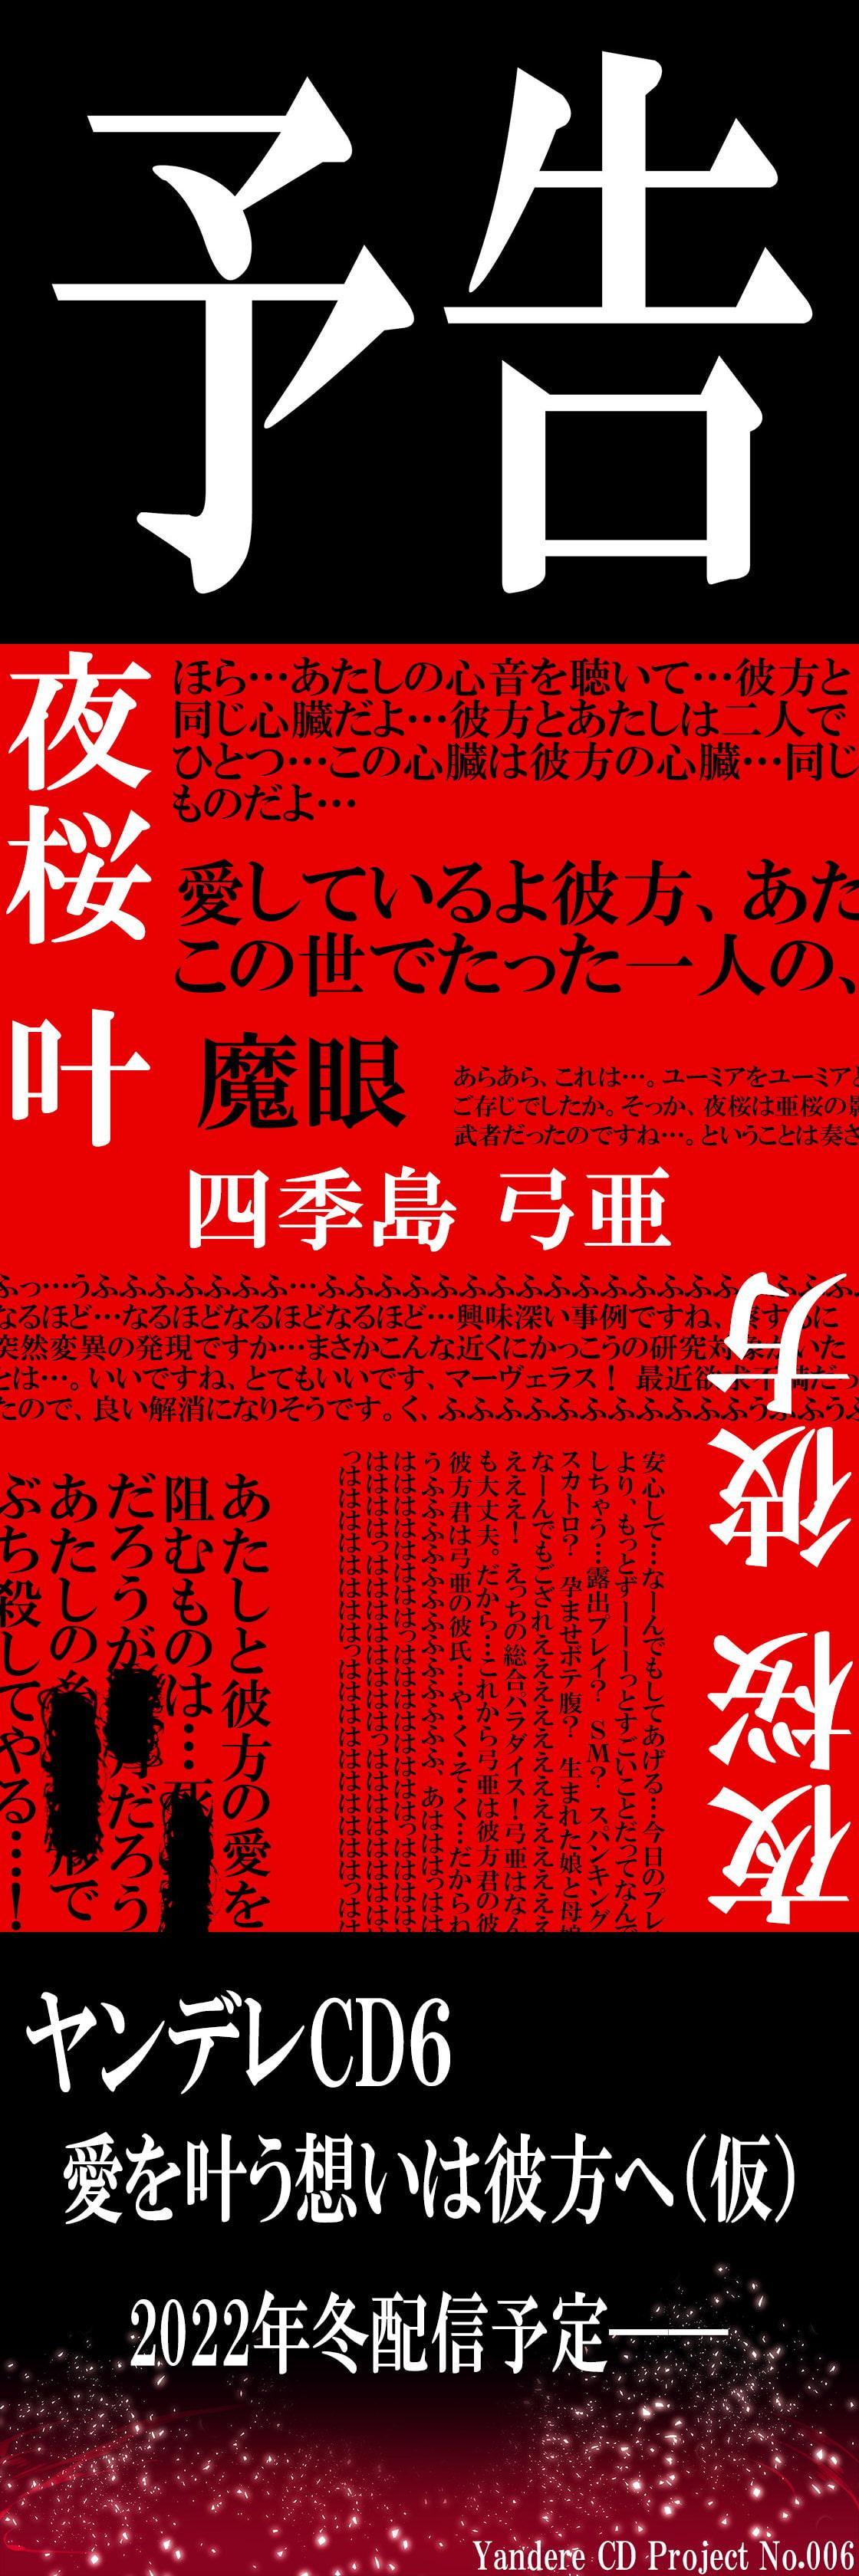 ヤンデレCD Re:Turn2 夢乃の章【KU100バイノーラル】 [パースペクティブ少女幻奏]